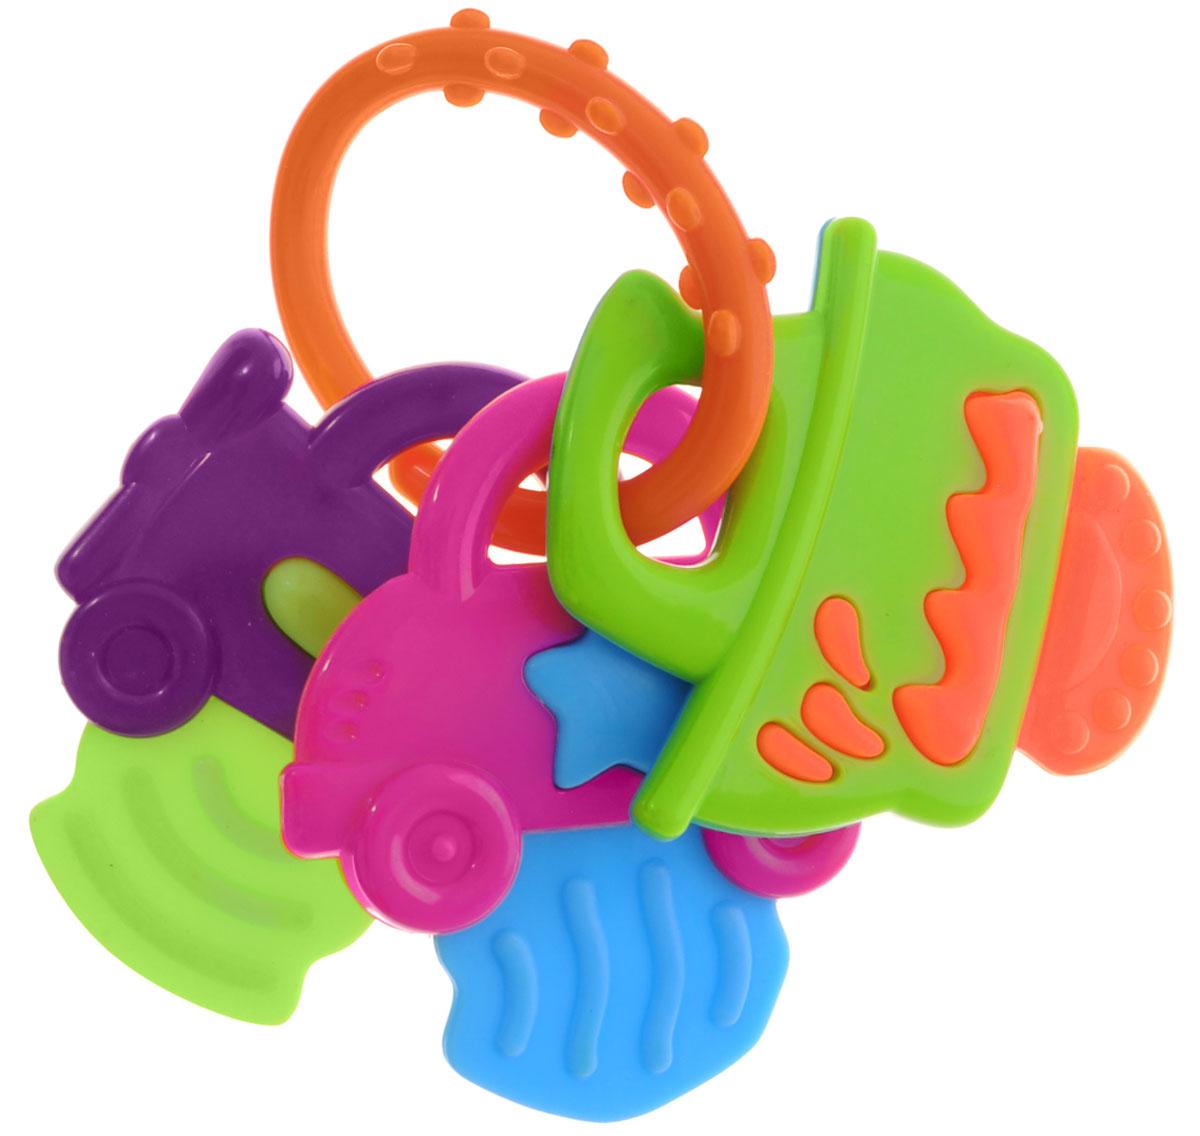 Mioshi Прорезыватель Машинки цвет оранжевыйTY9043_оранжевыйПрорезыватель Mioshi Машинки станет незаменимой игрушкой вашему малышу в первые месяцы и годы его жизни. Яркий, приятный на ощупь прорезыватель с тремя разными подвесками, станет любимой игрушкой вашей крохи с первых дней жизни. Дети в раннем возрасте всегда очень любознательны, они тщательно исследуют все, что попадает им в руки. Заботясь об их здоровье и безопасности, Mioshi выпускает только качественную продукцию, которая прошла сертификацию. Вместе с наборами Mioshi малютки развивают мелкую моторику рук, восприятие формы и цвета предметов, а также слух и зрение.